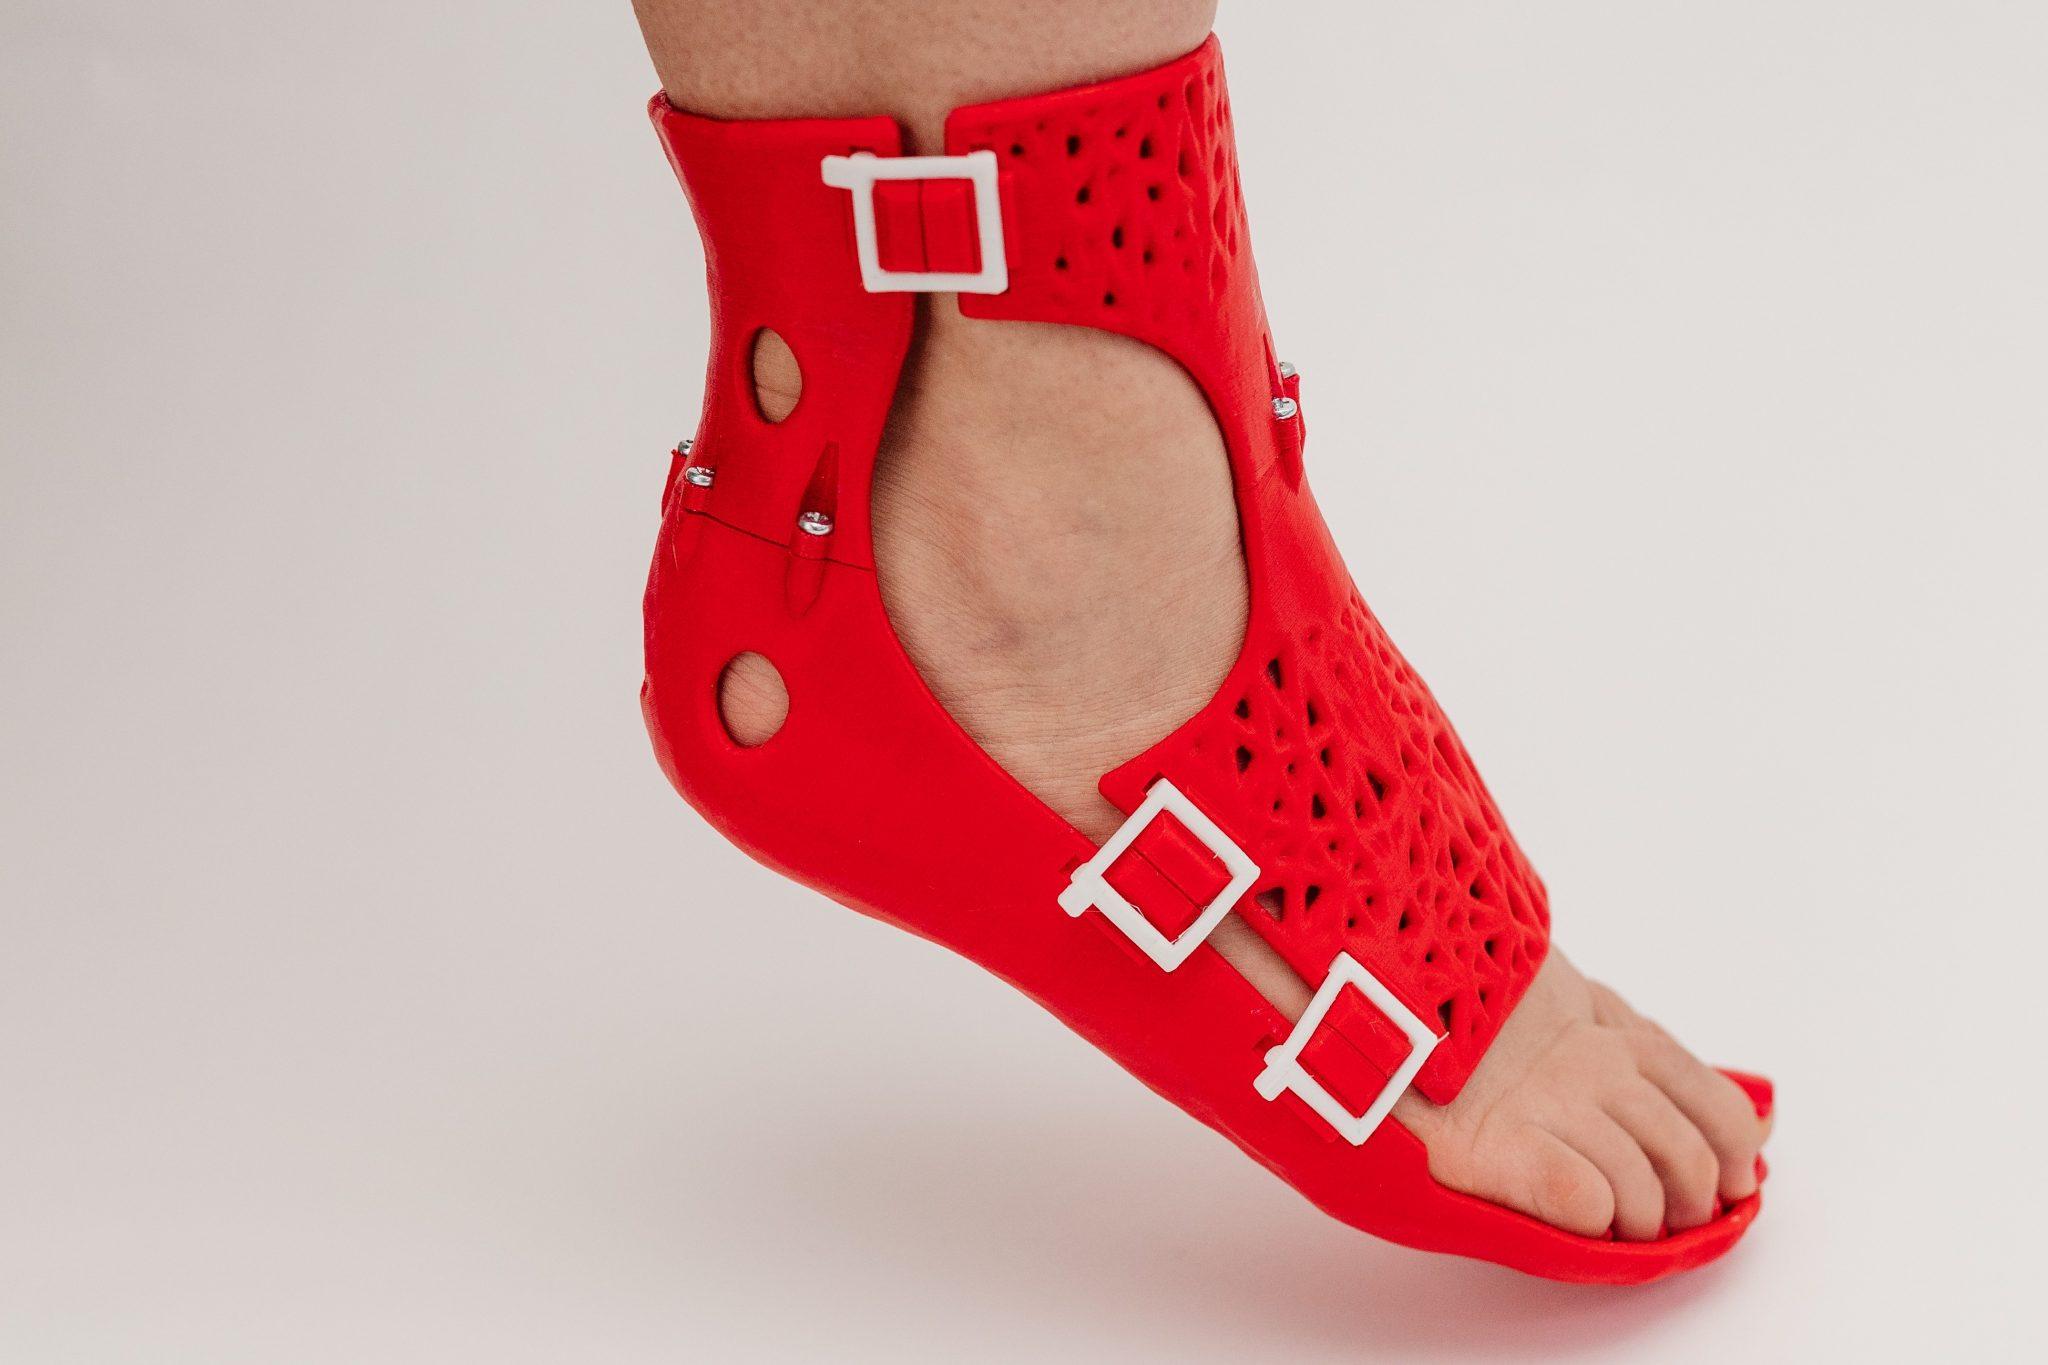 A CastPrint foot brace.